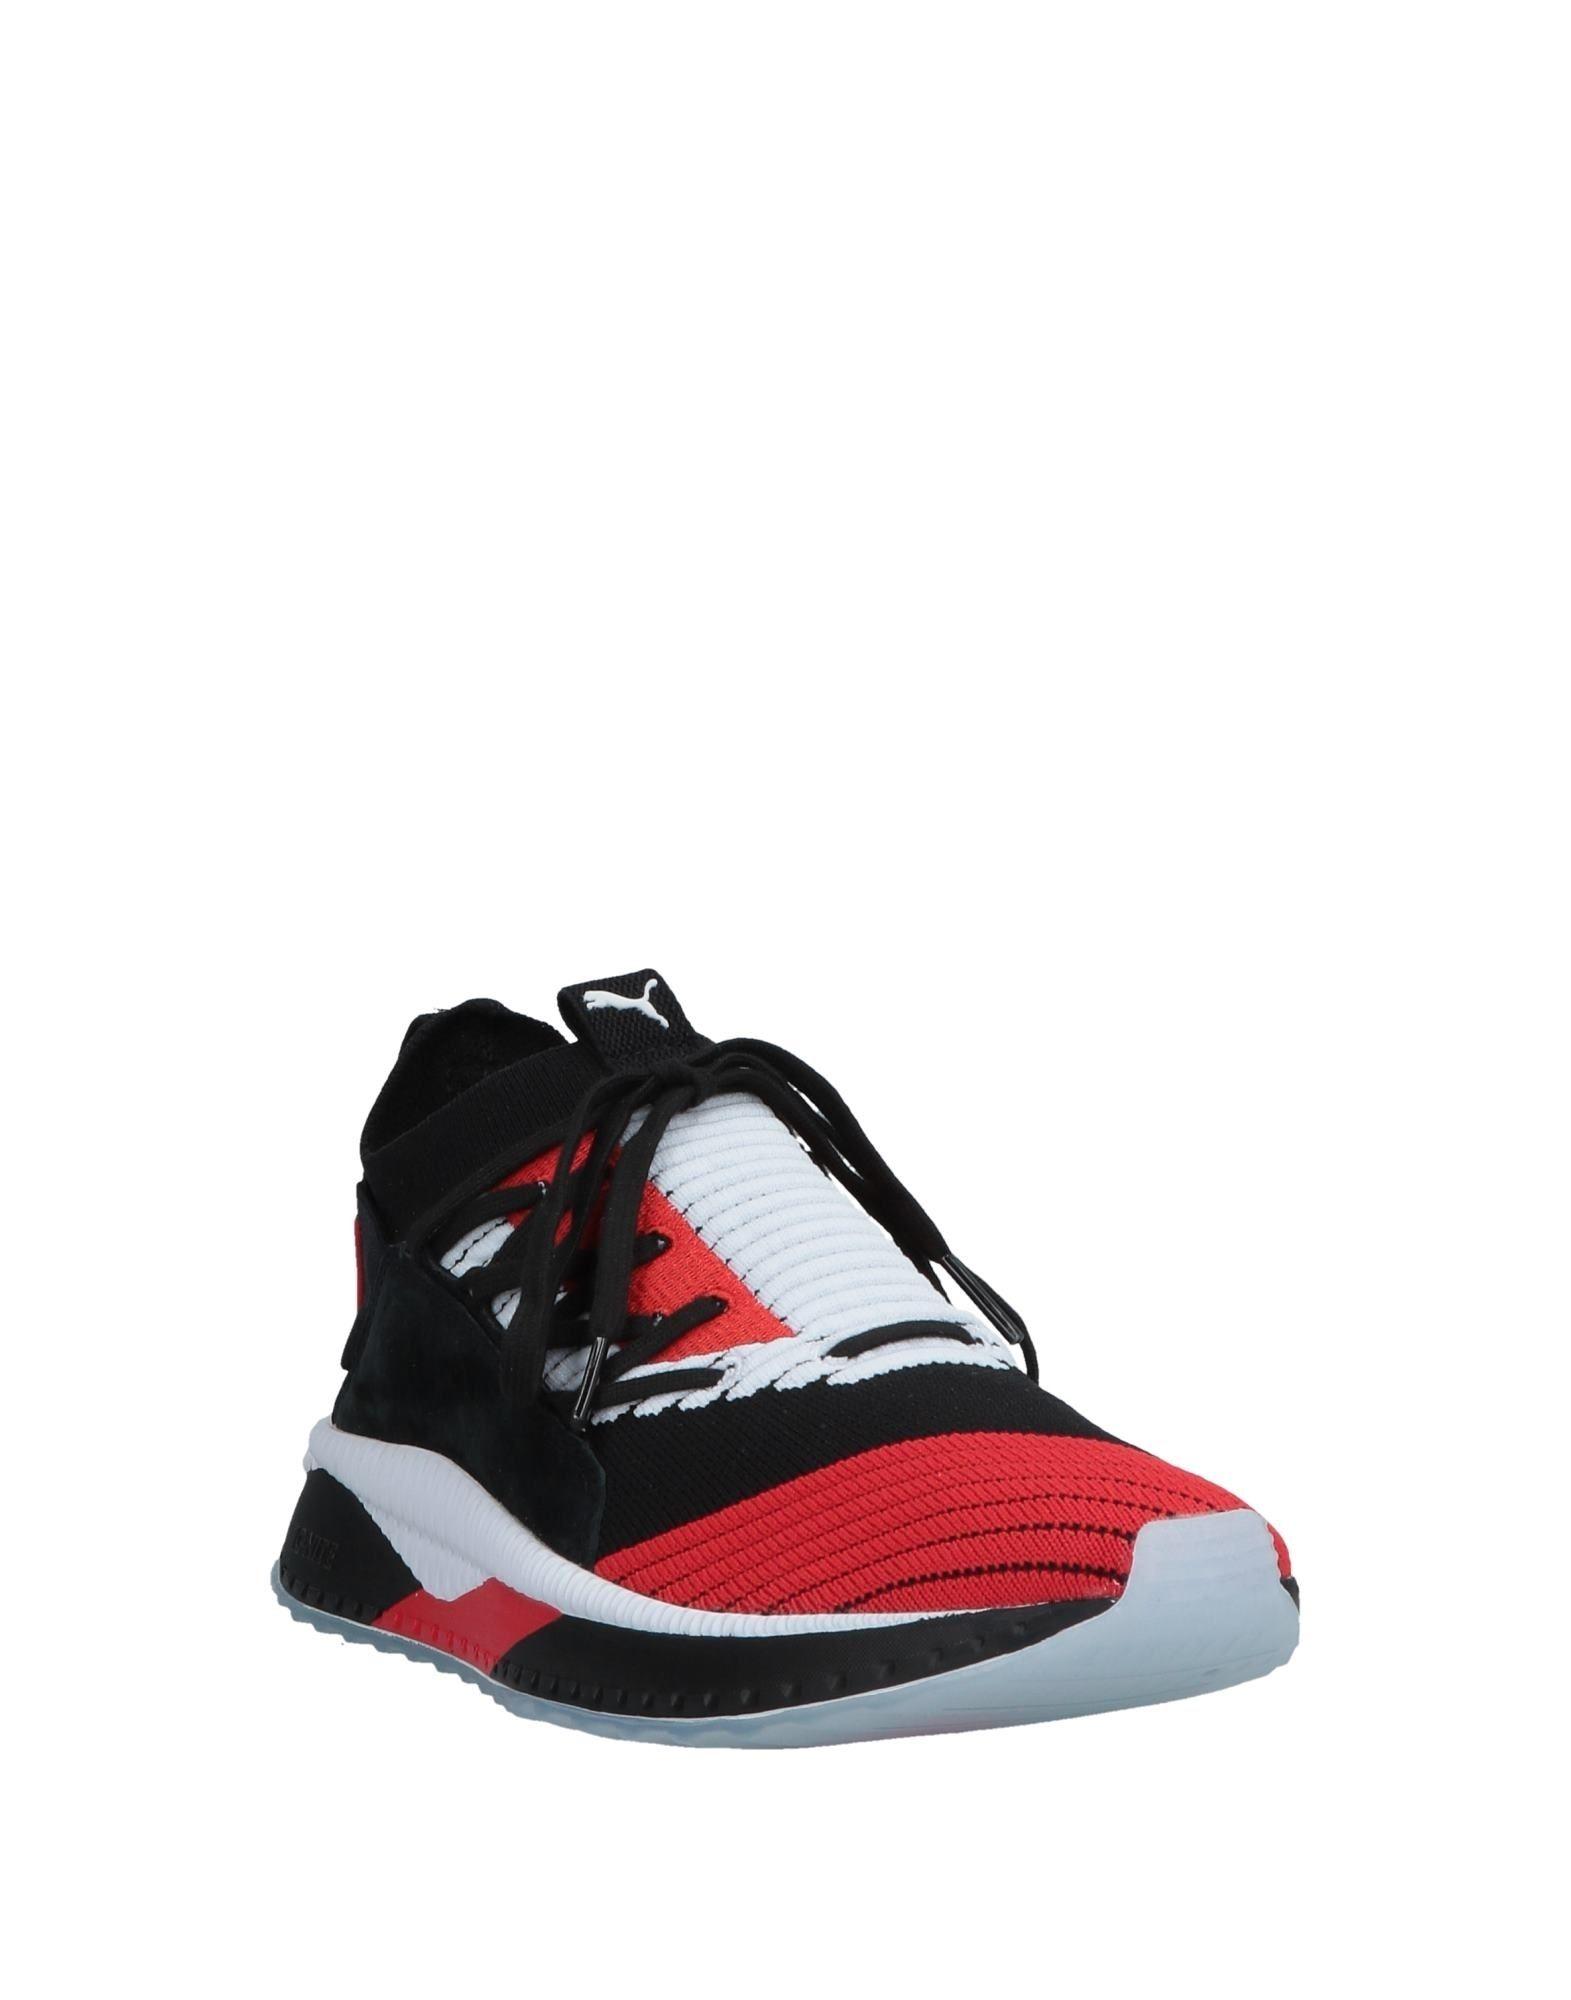 Rabatt echte Sneakers Schuhe Puma Sneakers echte Herren  11559402WB 19503f